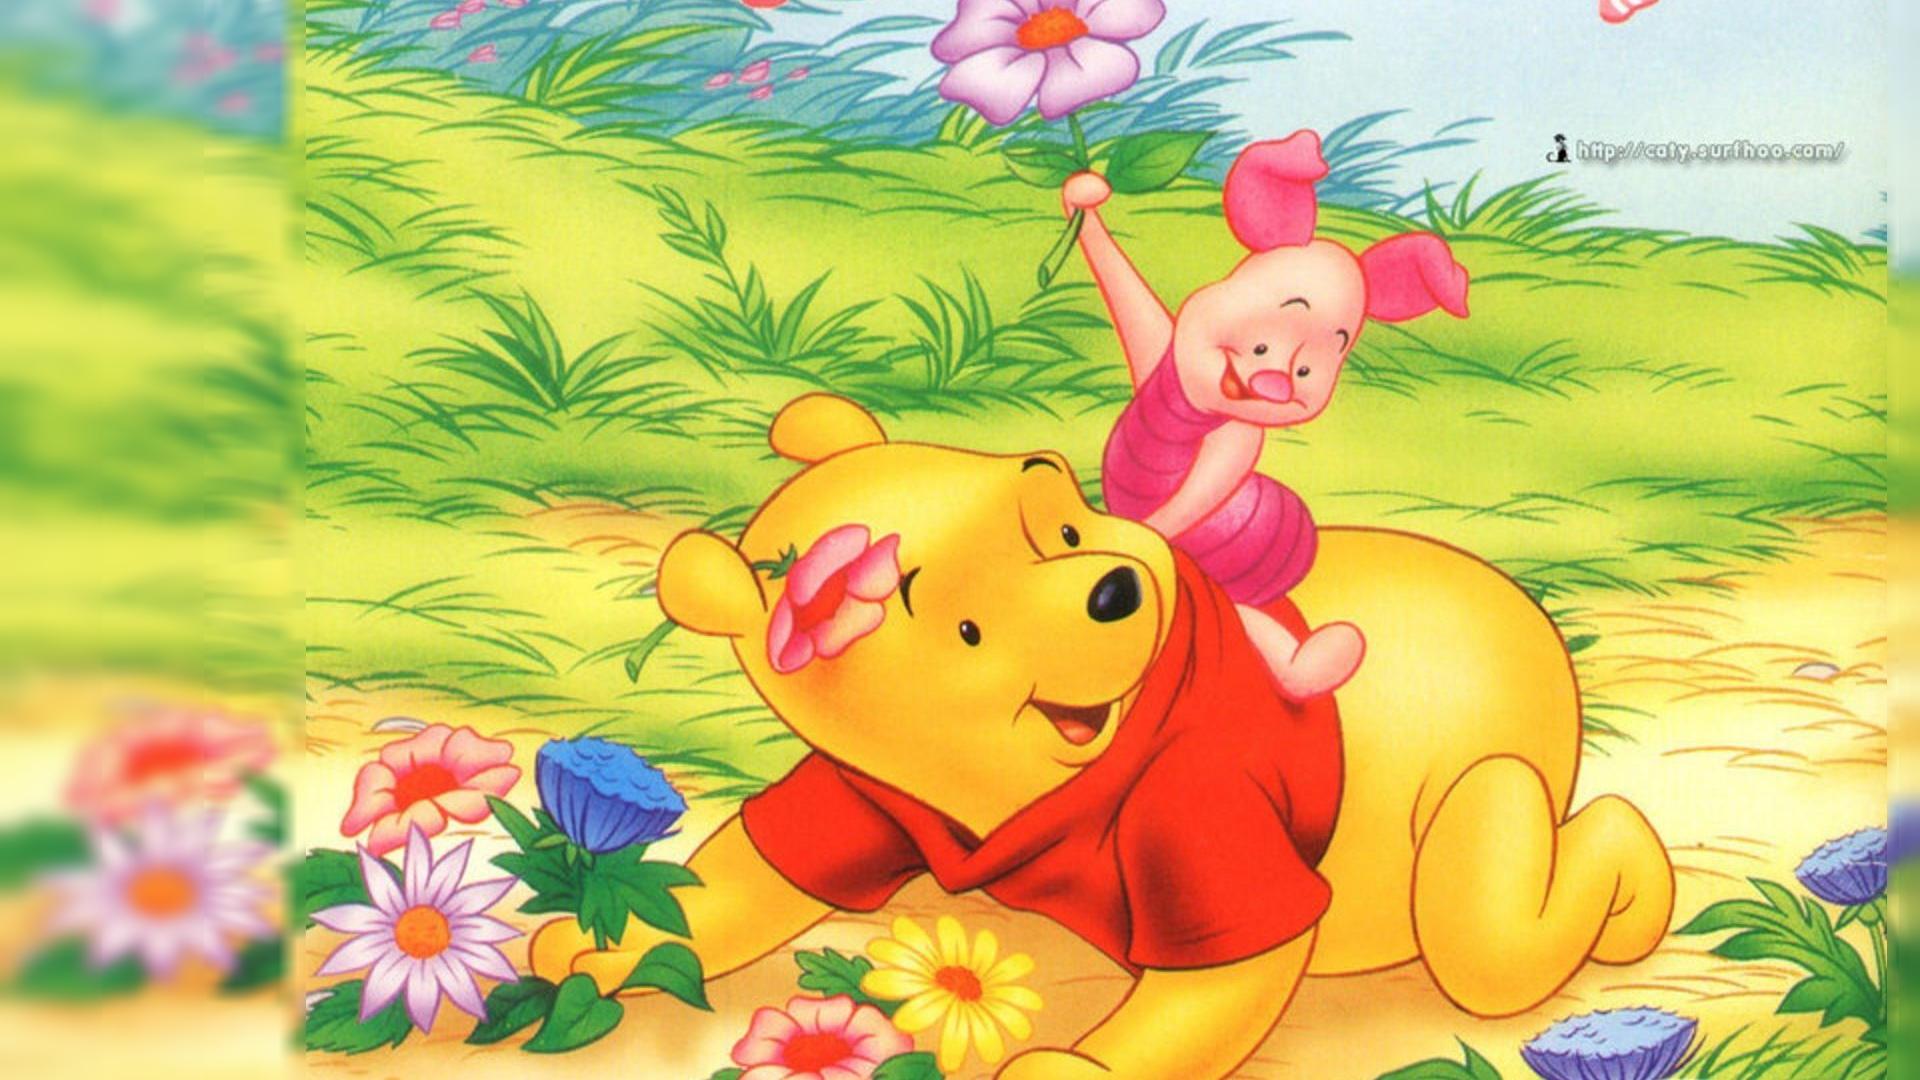 Classic Winnie The Pooh Wallpaper 1920x1080